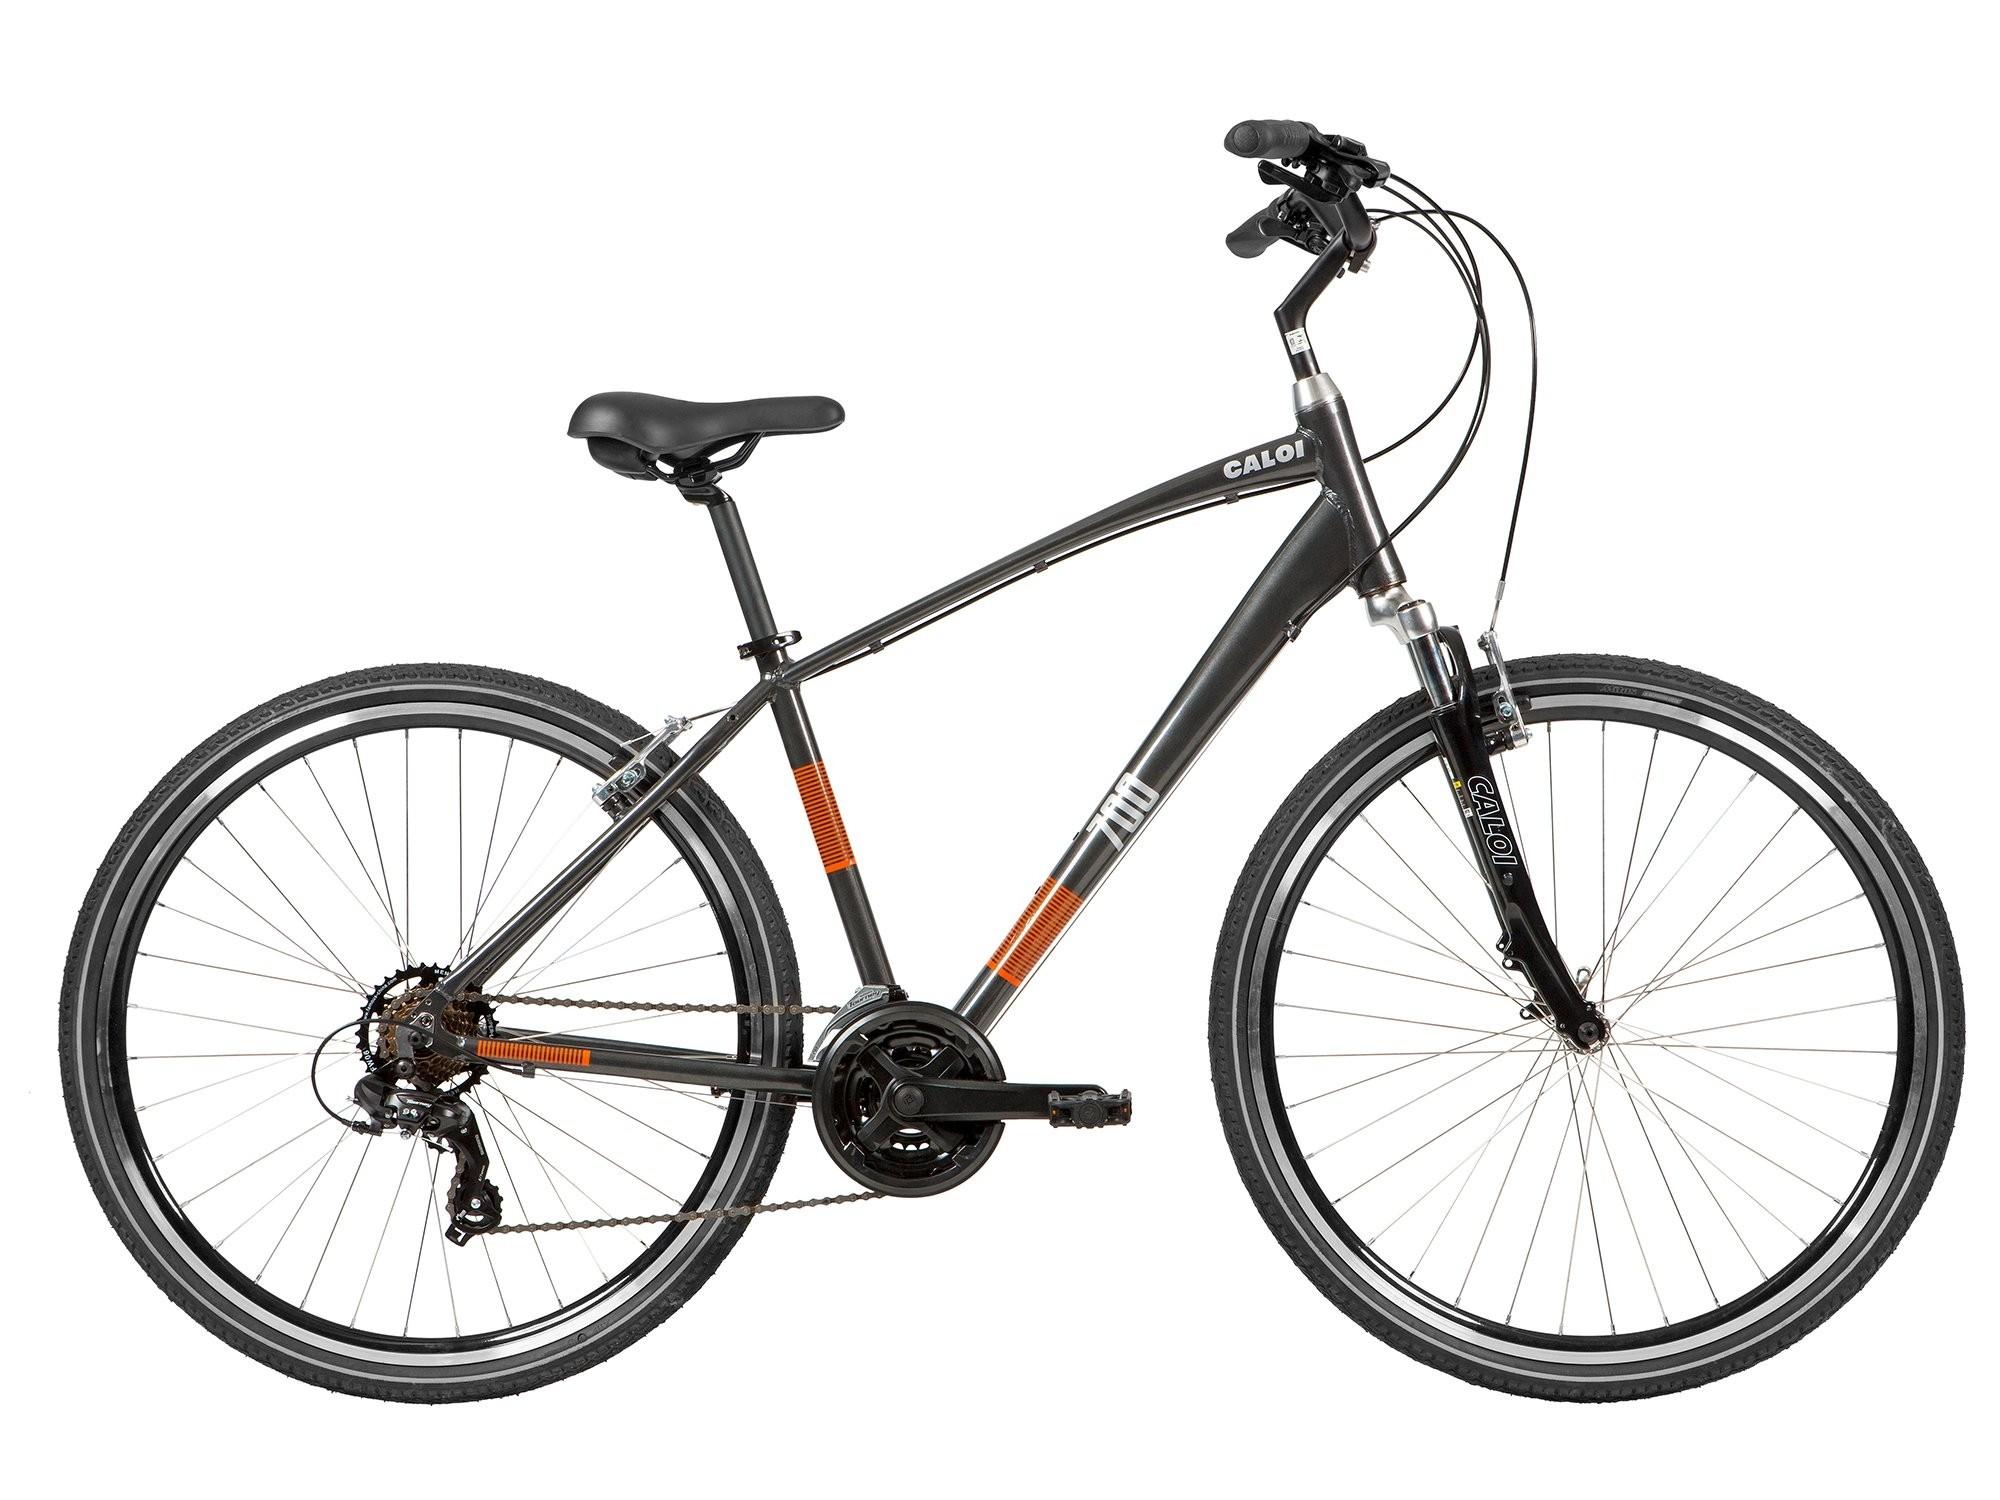 Bicicleta Caloi 700 - 2021